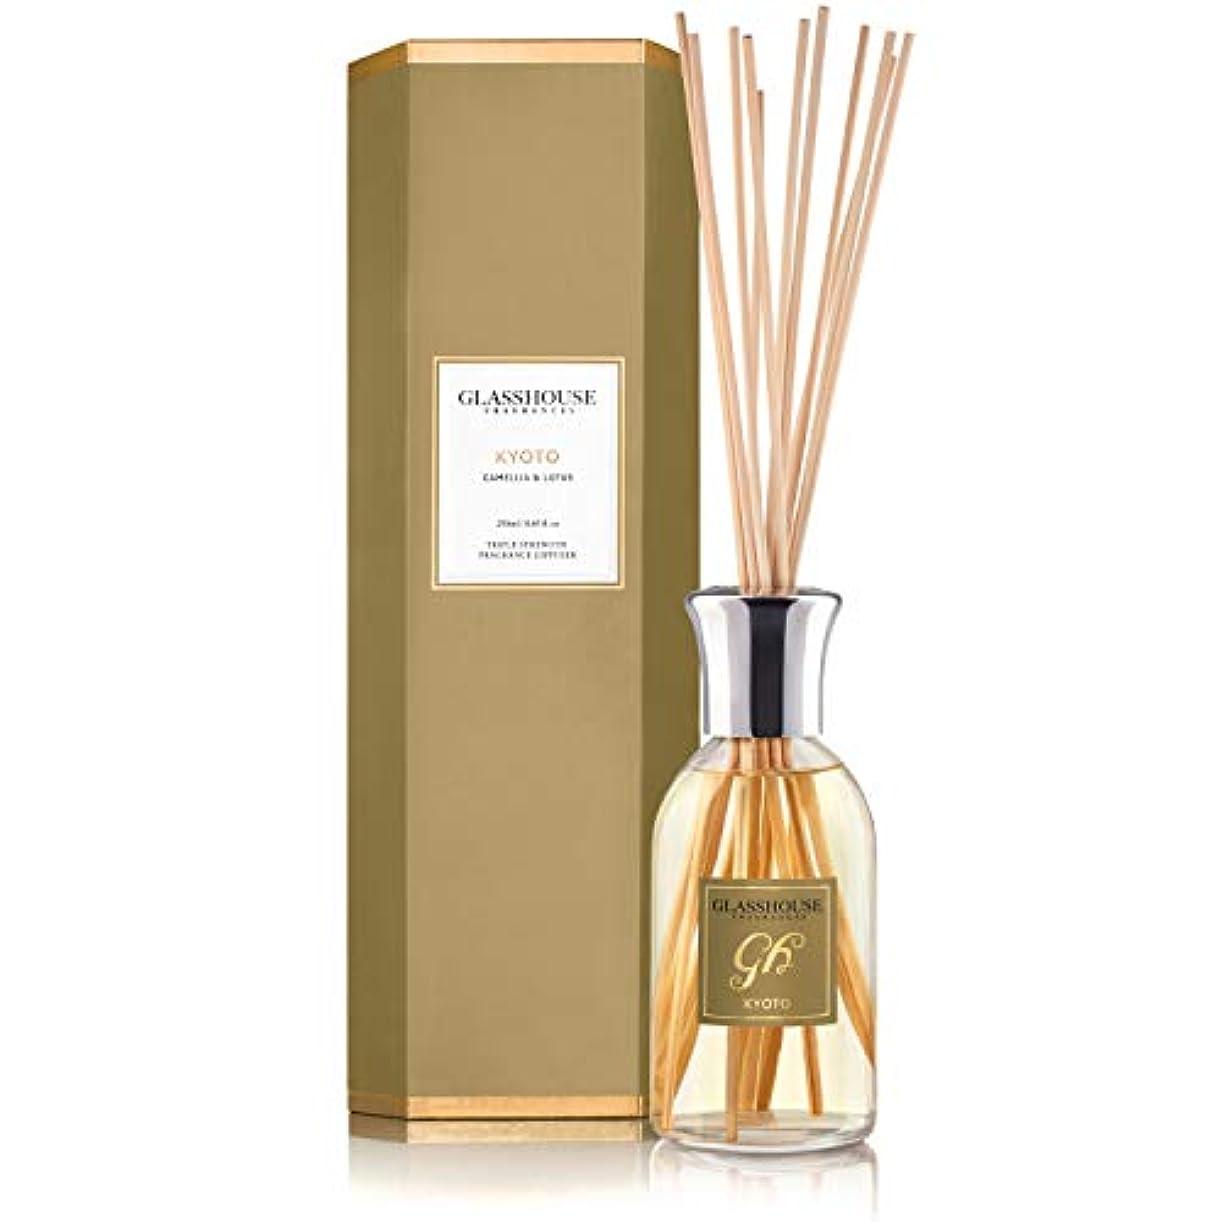 無効マイクロフォンビザグラスハウス Triple Strength Fragrance Diffuser - Kyoto (Camellia & Lotus) 250ml/8.45oz並行輸入品